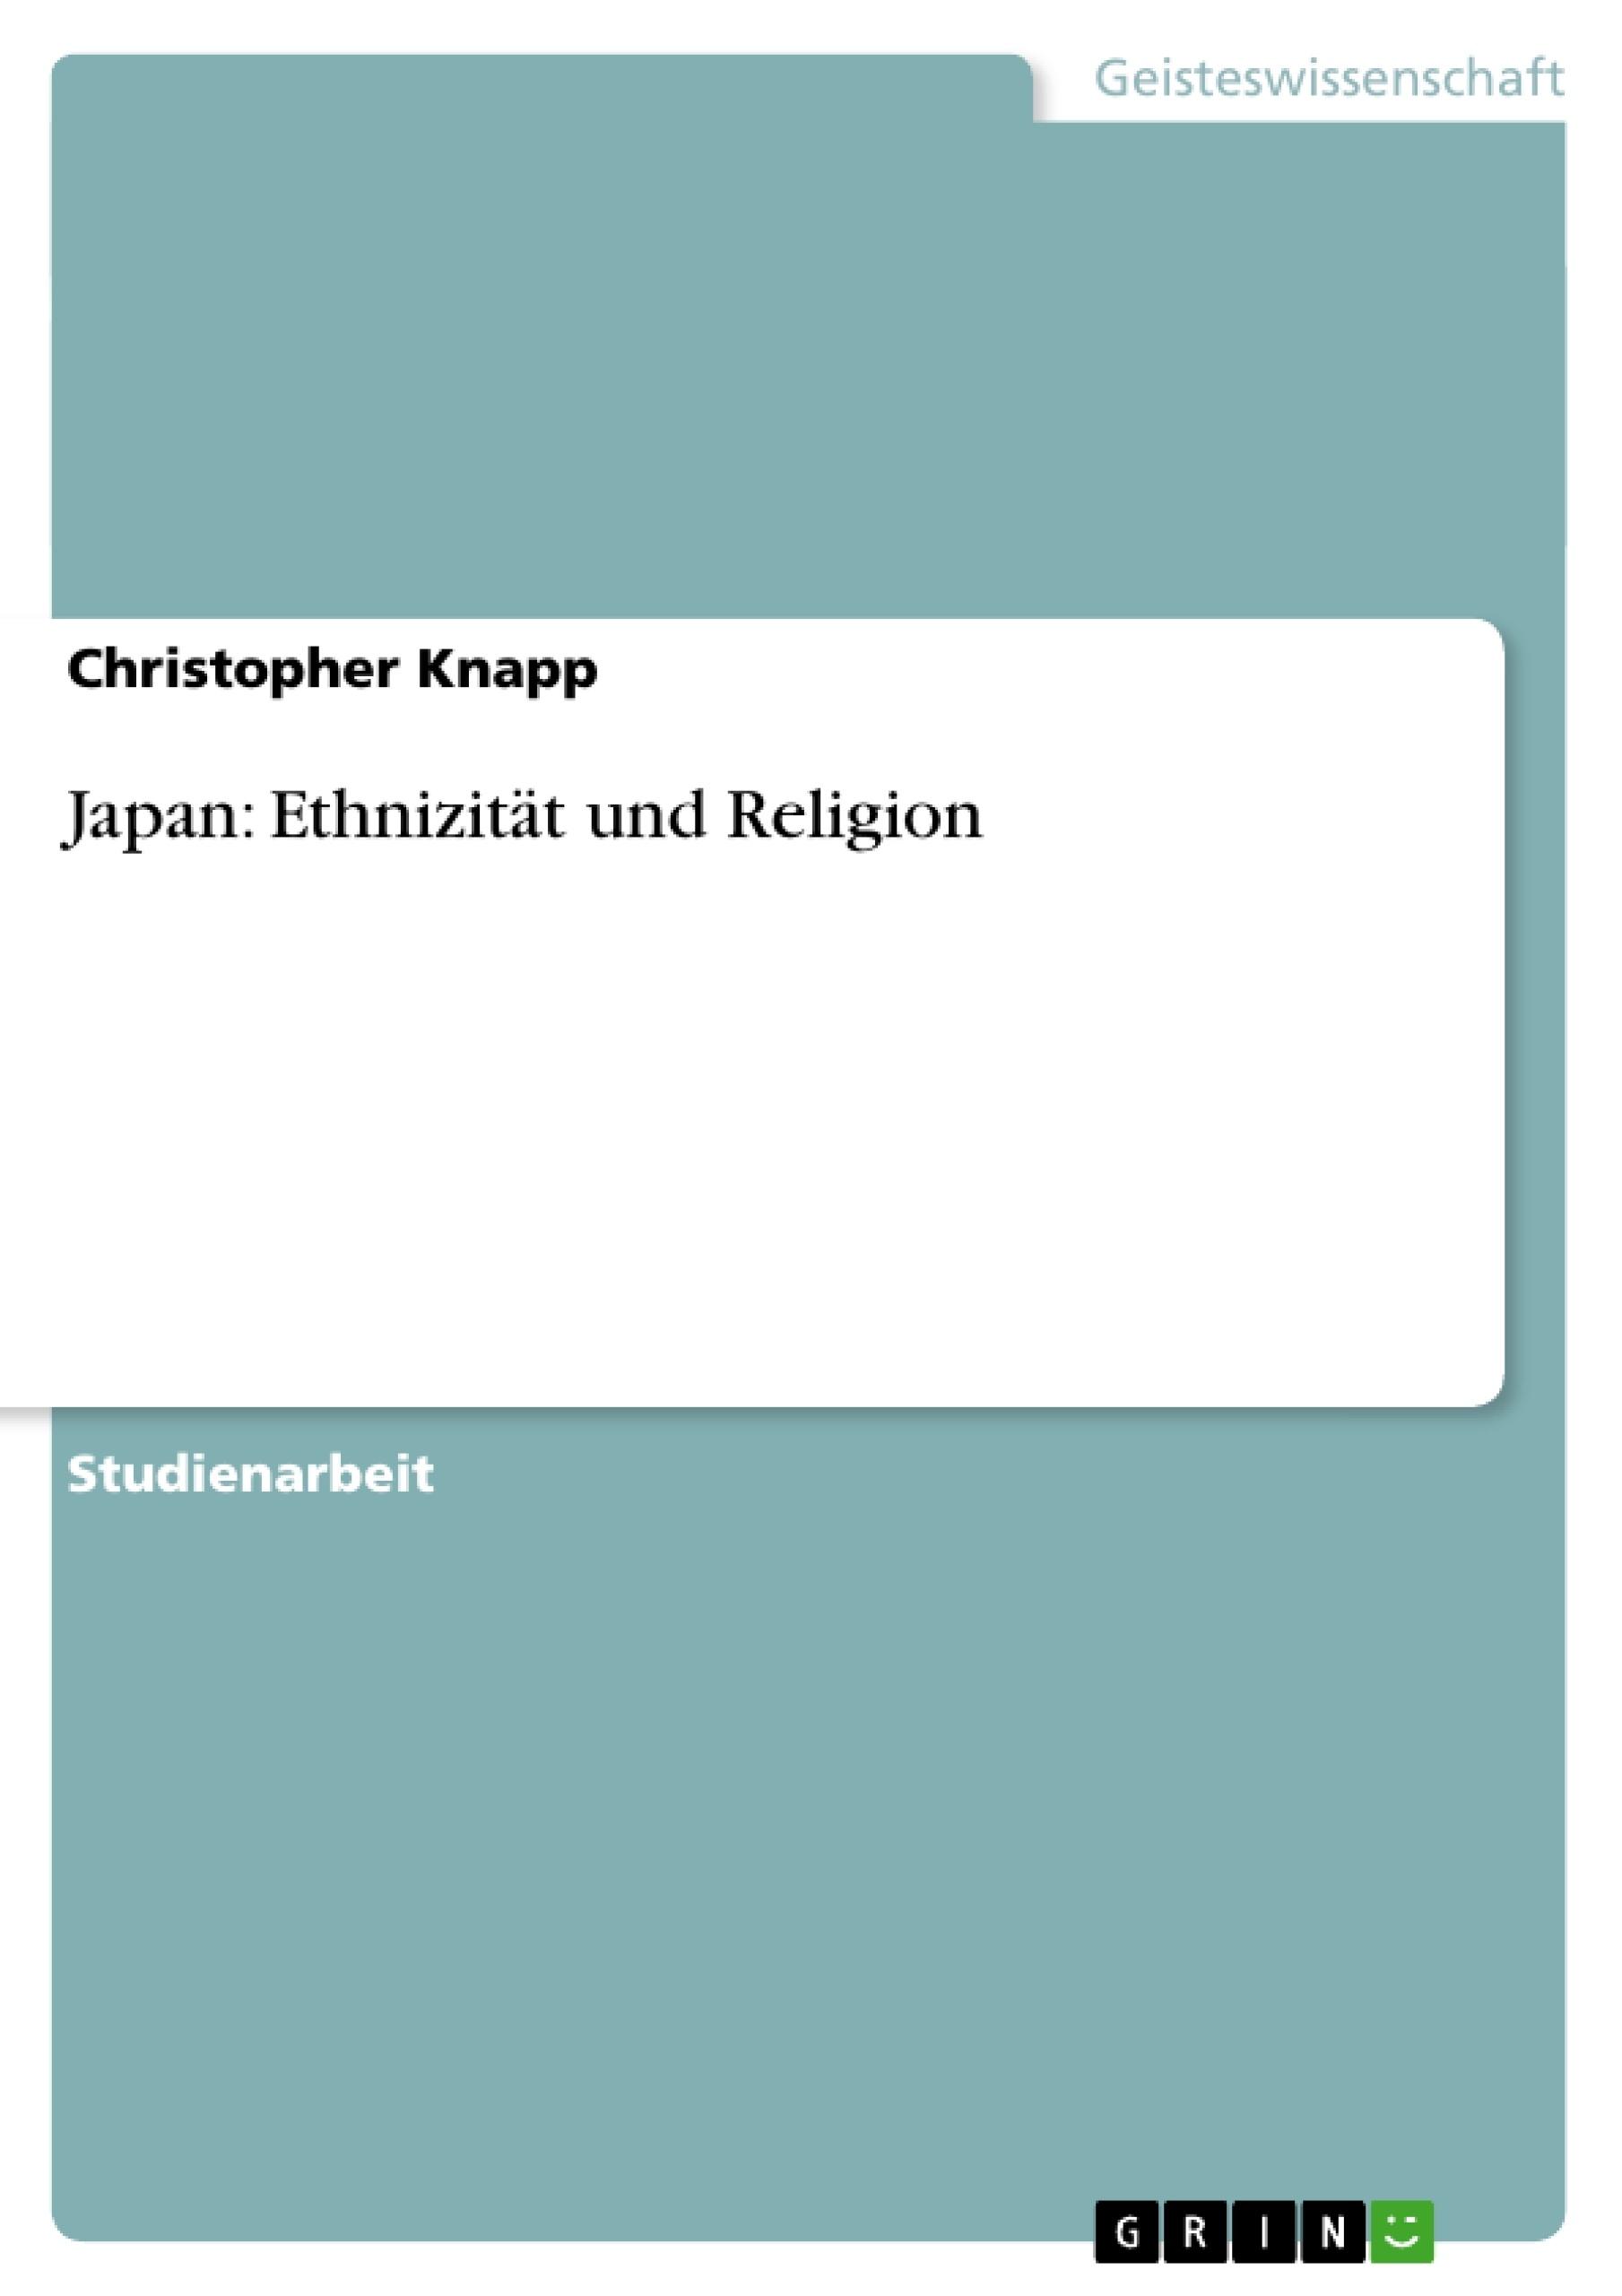 Titel: Japan: Ethnizität und Religion